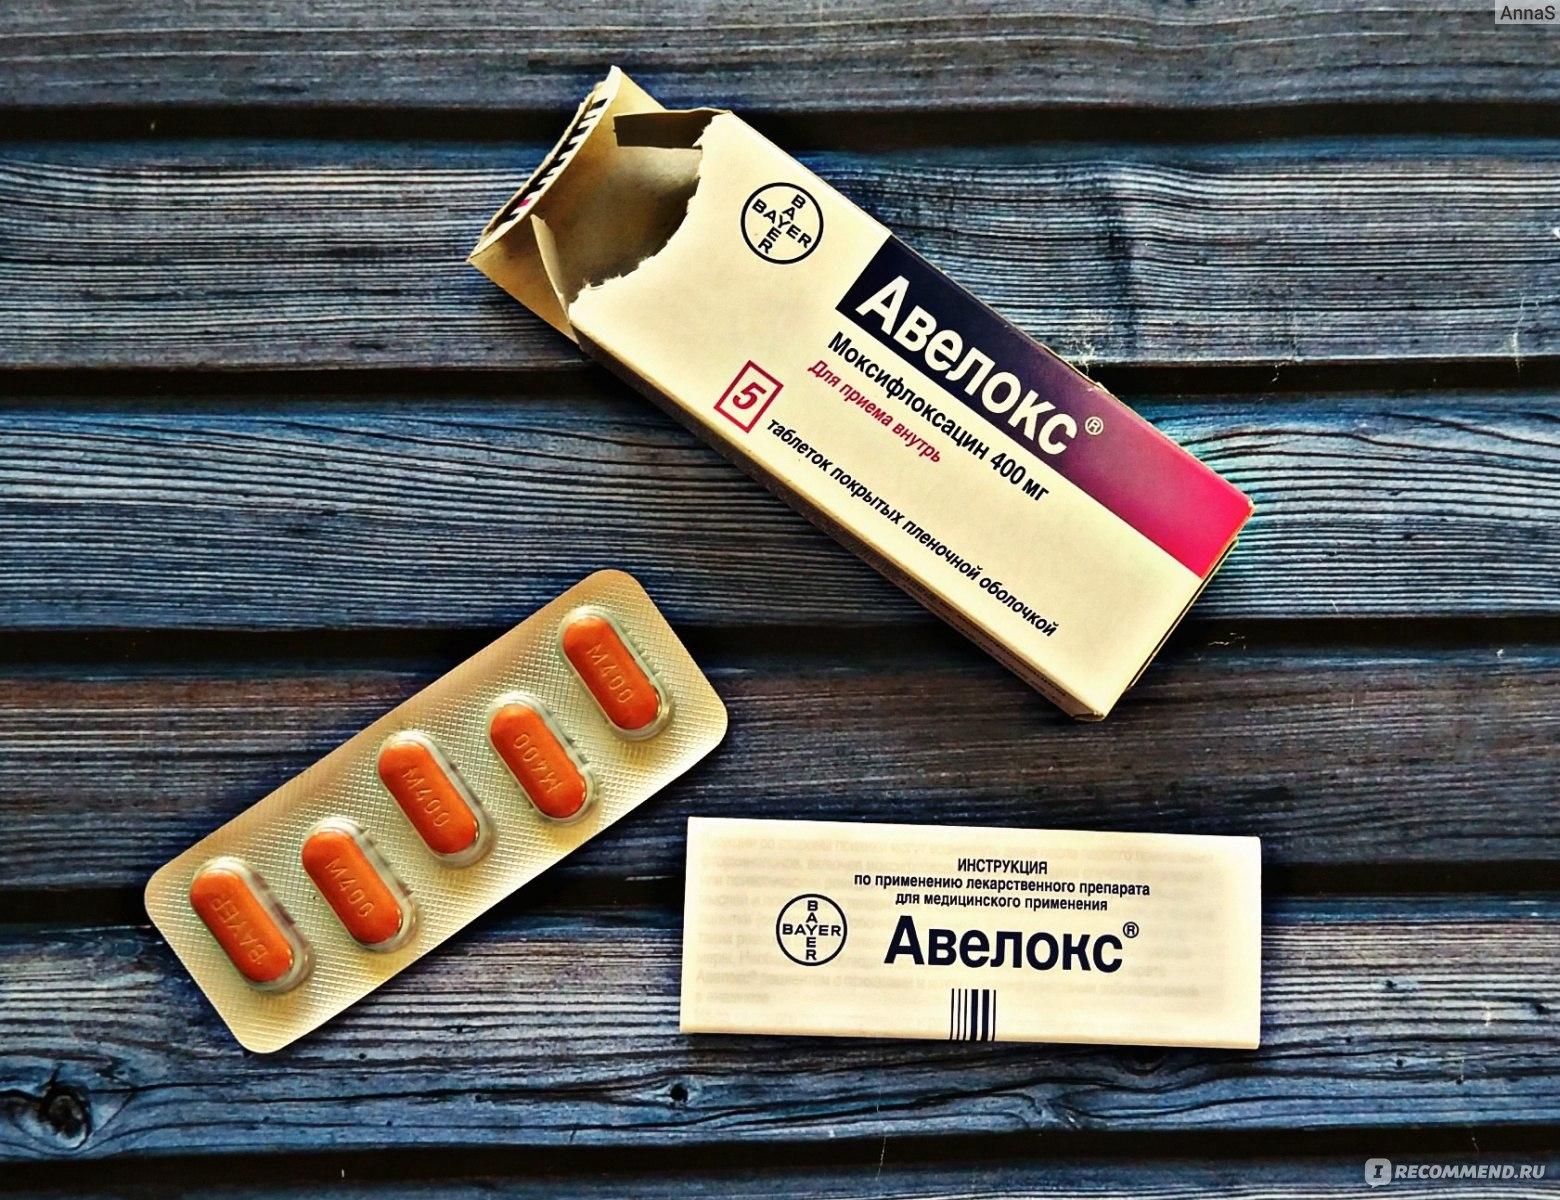 Препарат: авелокс в аптеках москвы